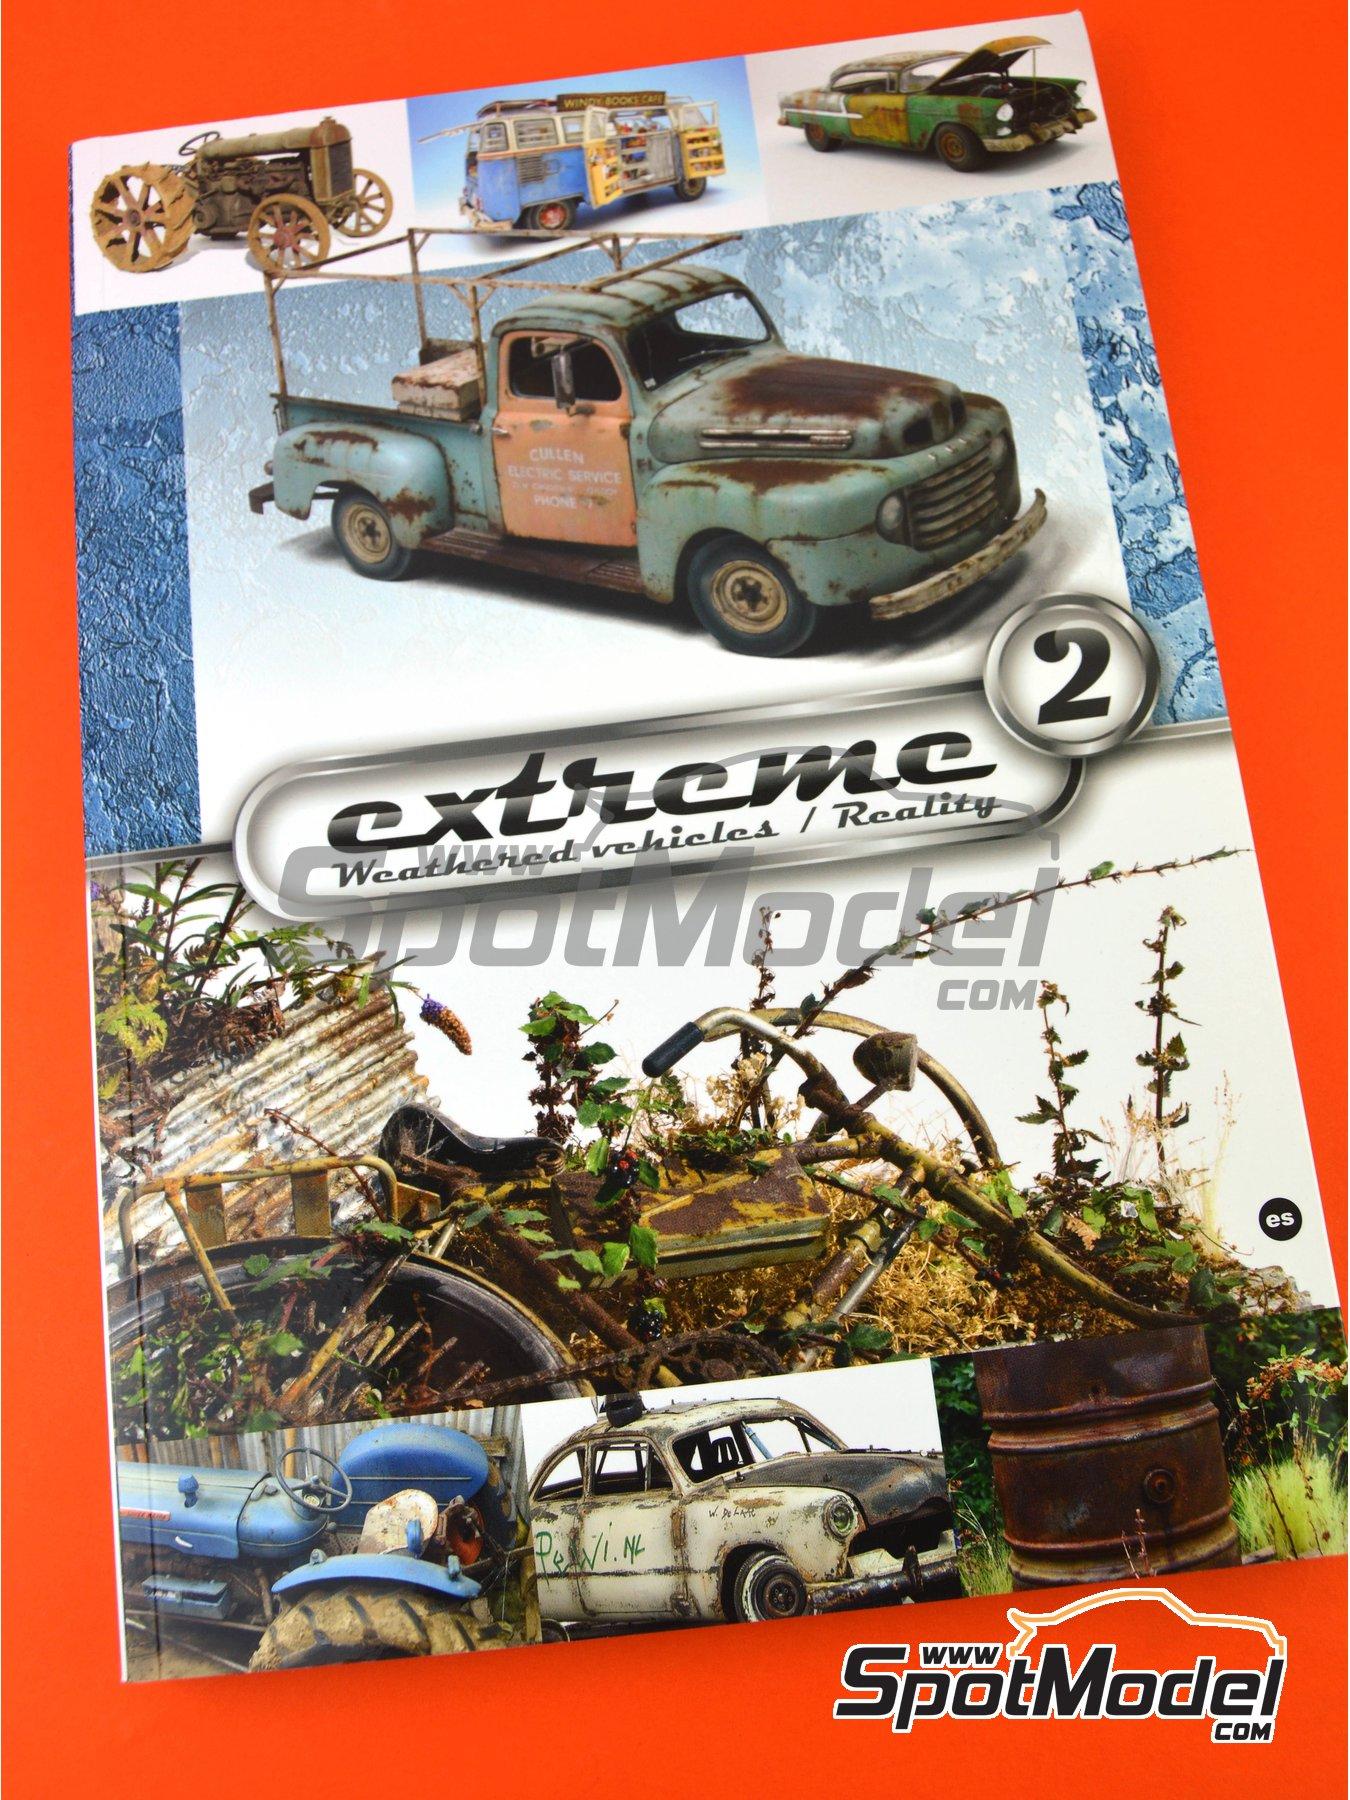 Extreme2 - Extreme Weathered vehicles + Extreme reality: idioma Castellano | Libro fabricado por AK Interactive (ref.AK-504) image